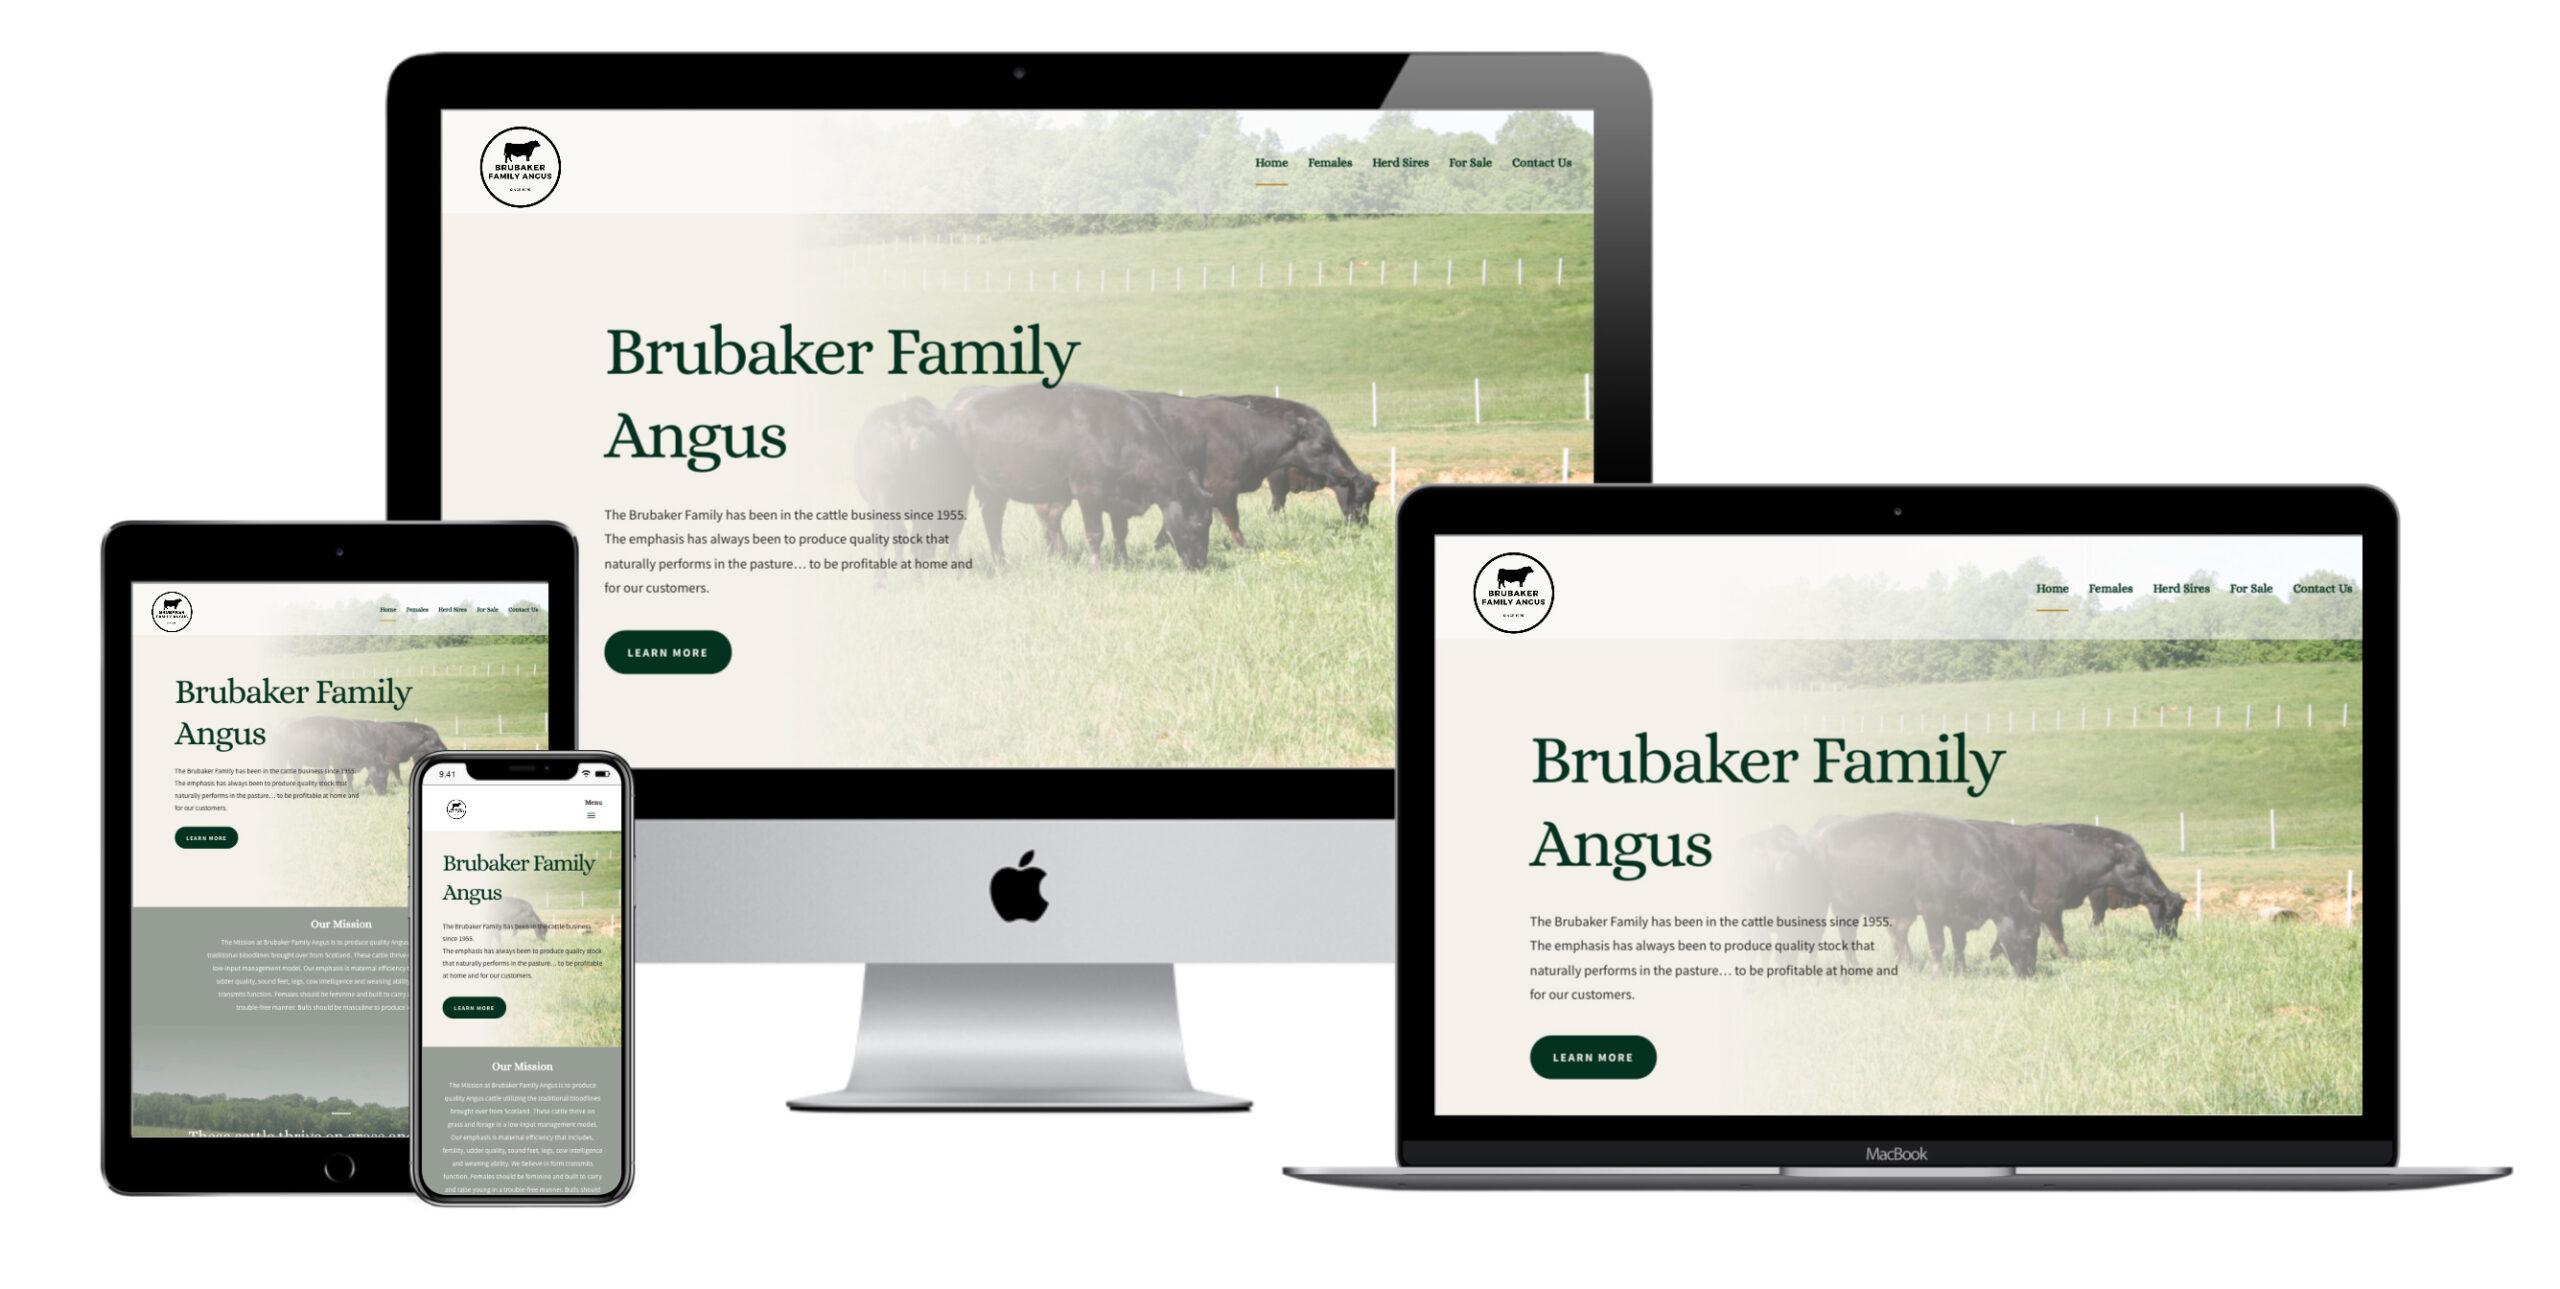 Brubaker Family Angus